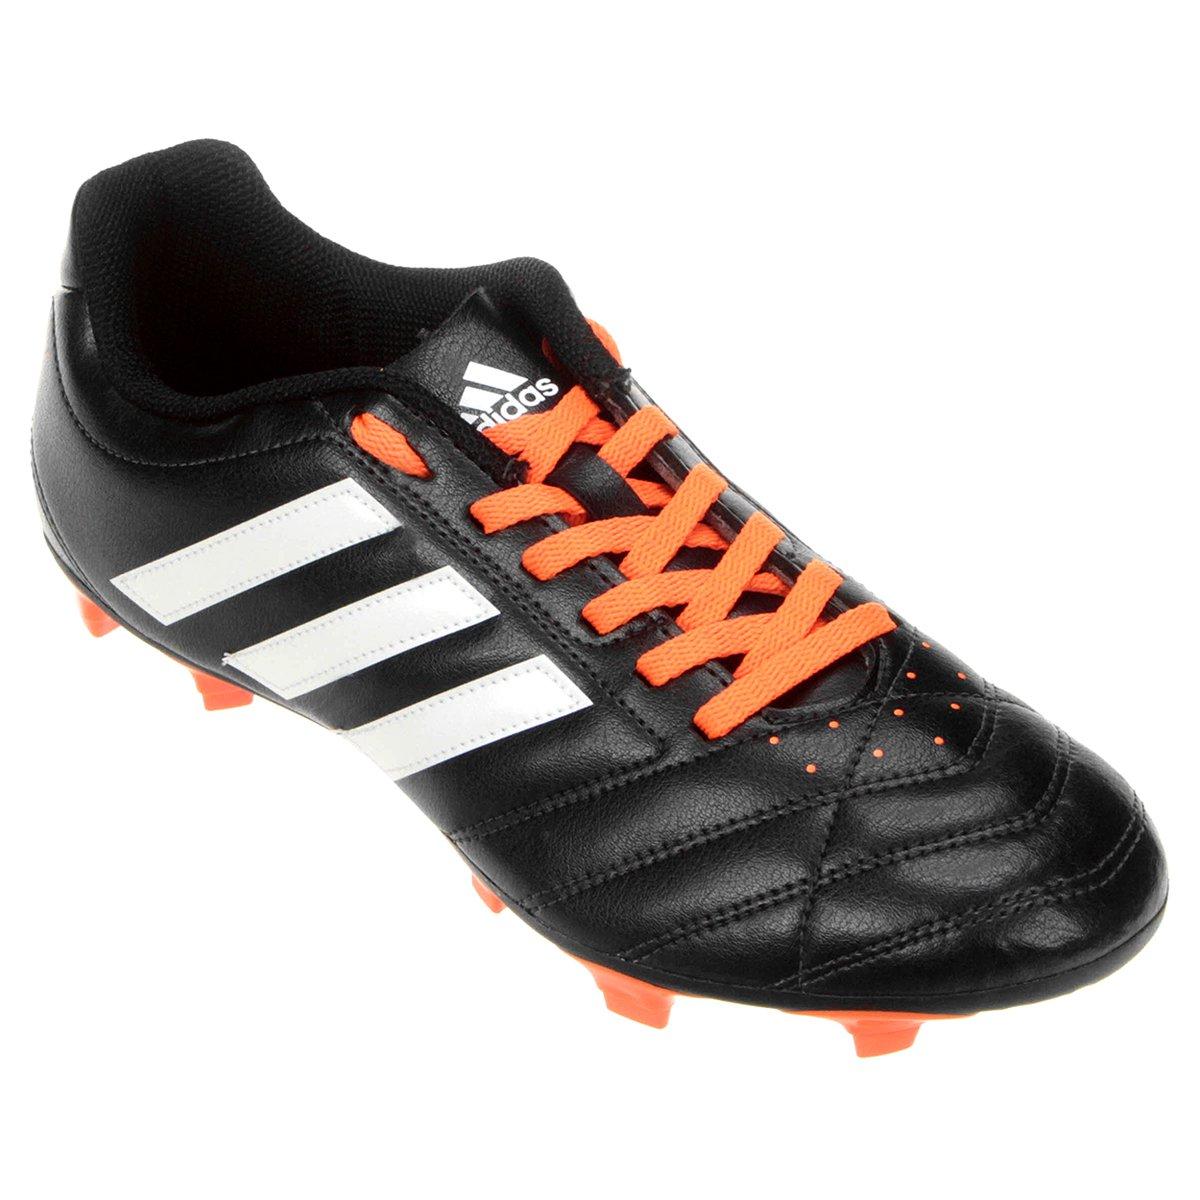 09094ac5d4 Chuteira Adidas Goletto 5 FG Campo - Compre Agora